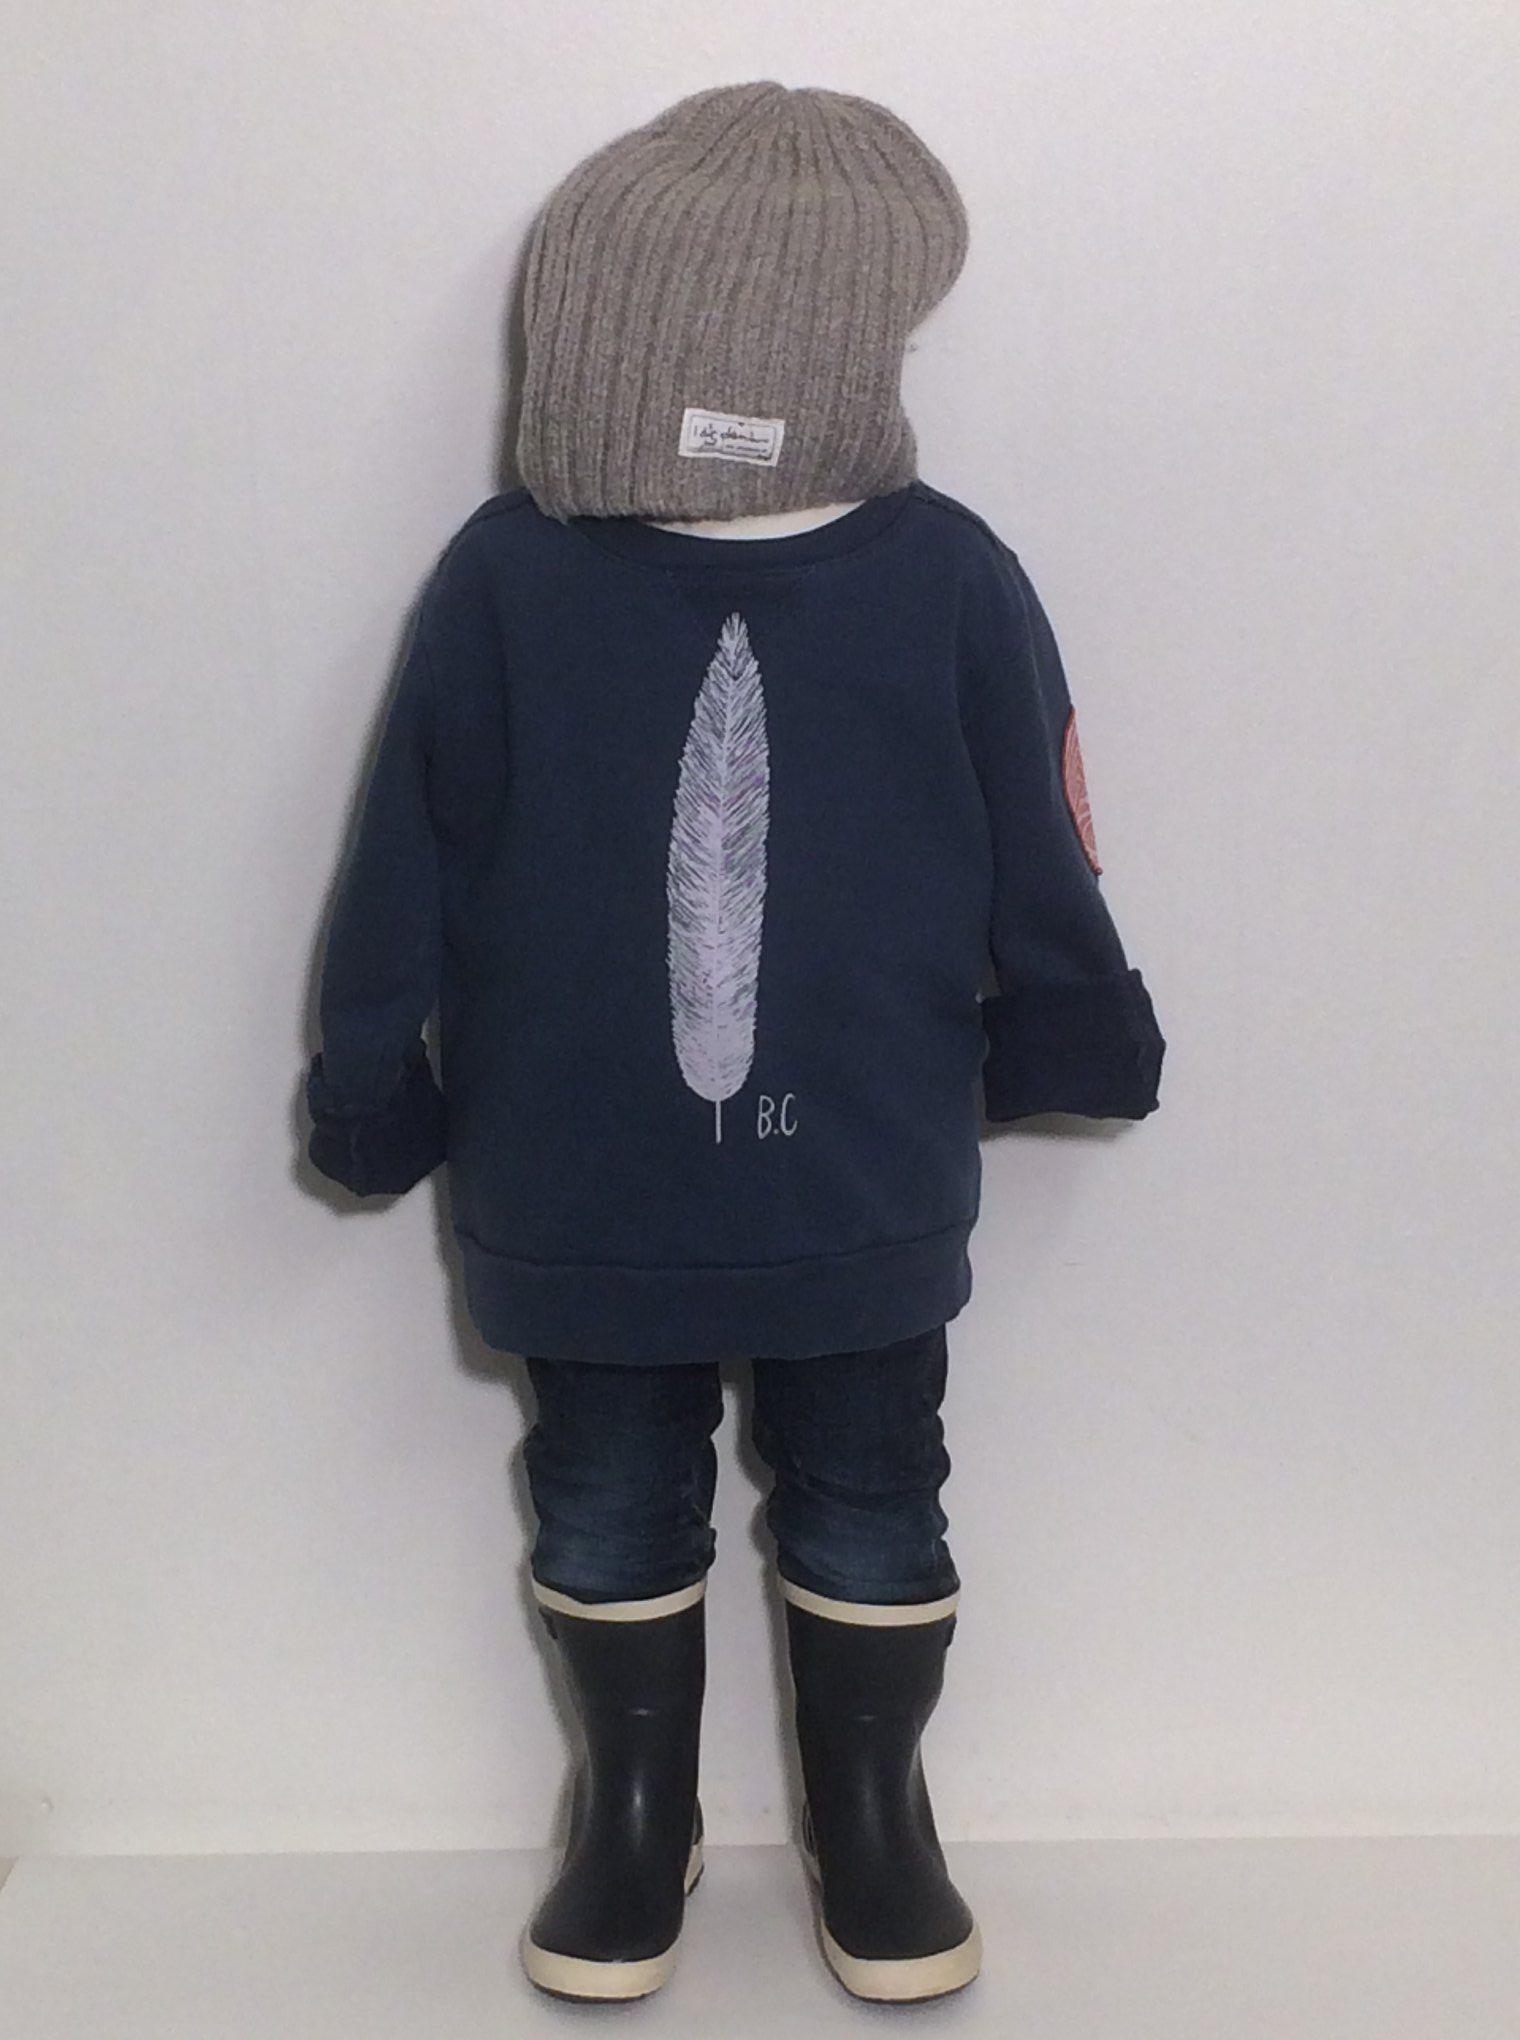 We Hebben Ook Schoenen En Accessoires In Ons Assortiment Voor De Winter Een Uitgebreide Collectie Sjaals En Mutsen Ook Complet Kinderkleding Schoenen Vingino